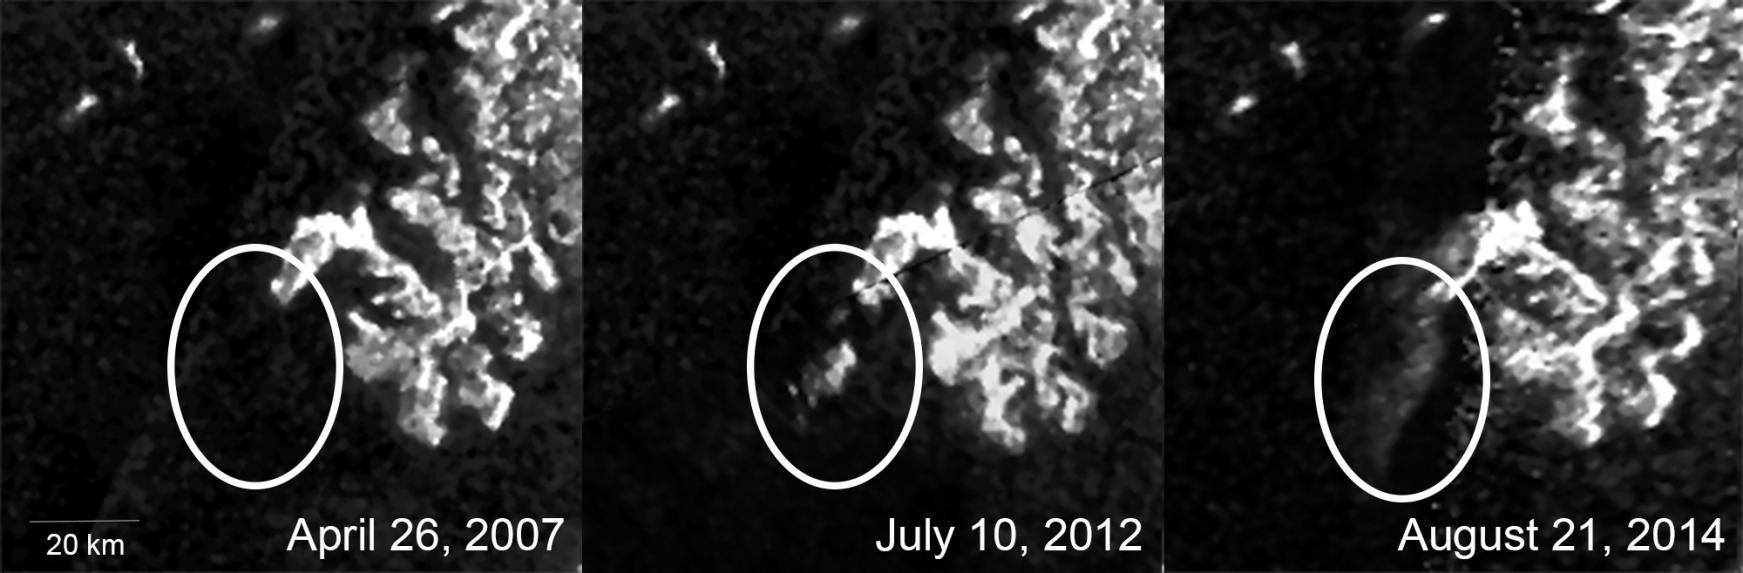 Aparecimento da mancha foi transitório nos últimos anos (Foto: NASA/JPL-Caltech/ASI/Cornell)